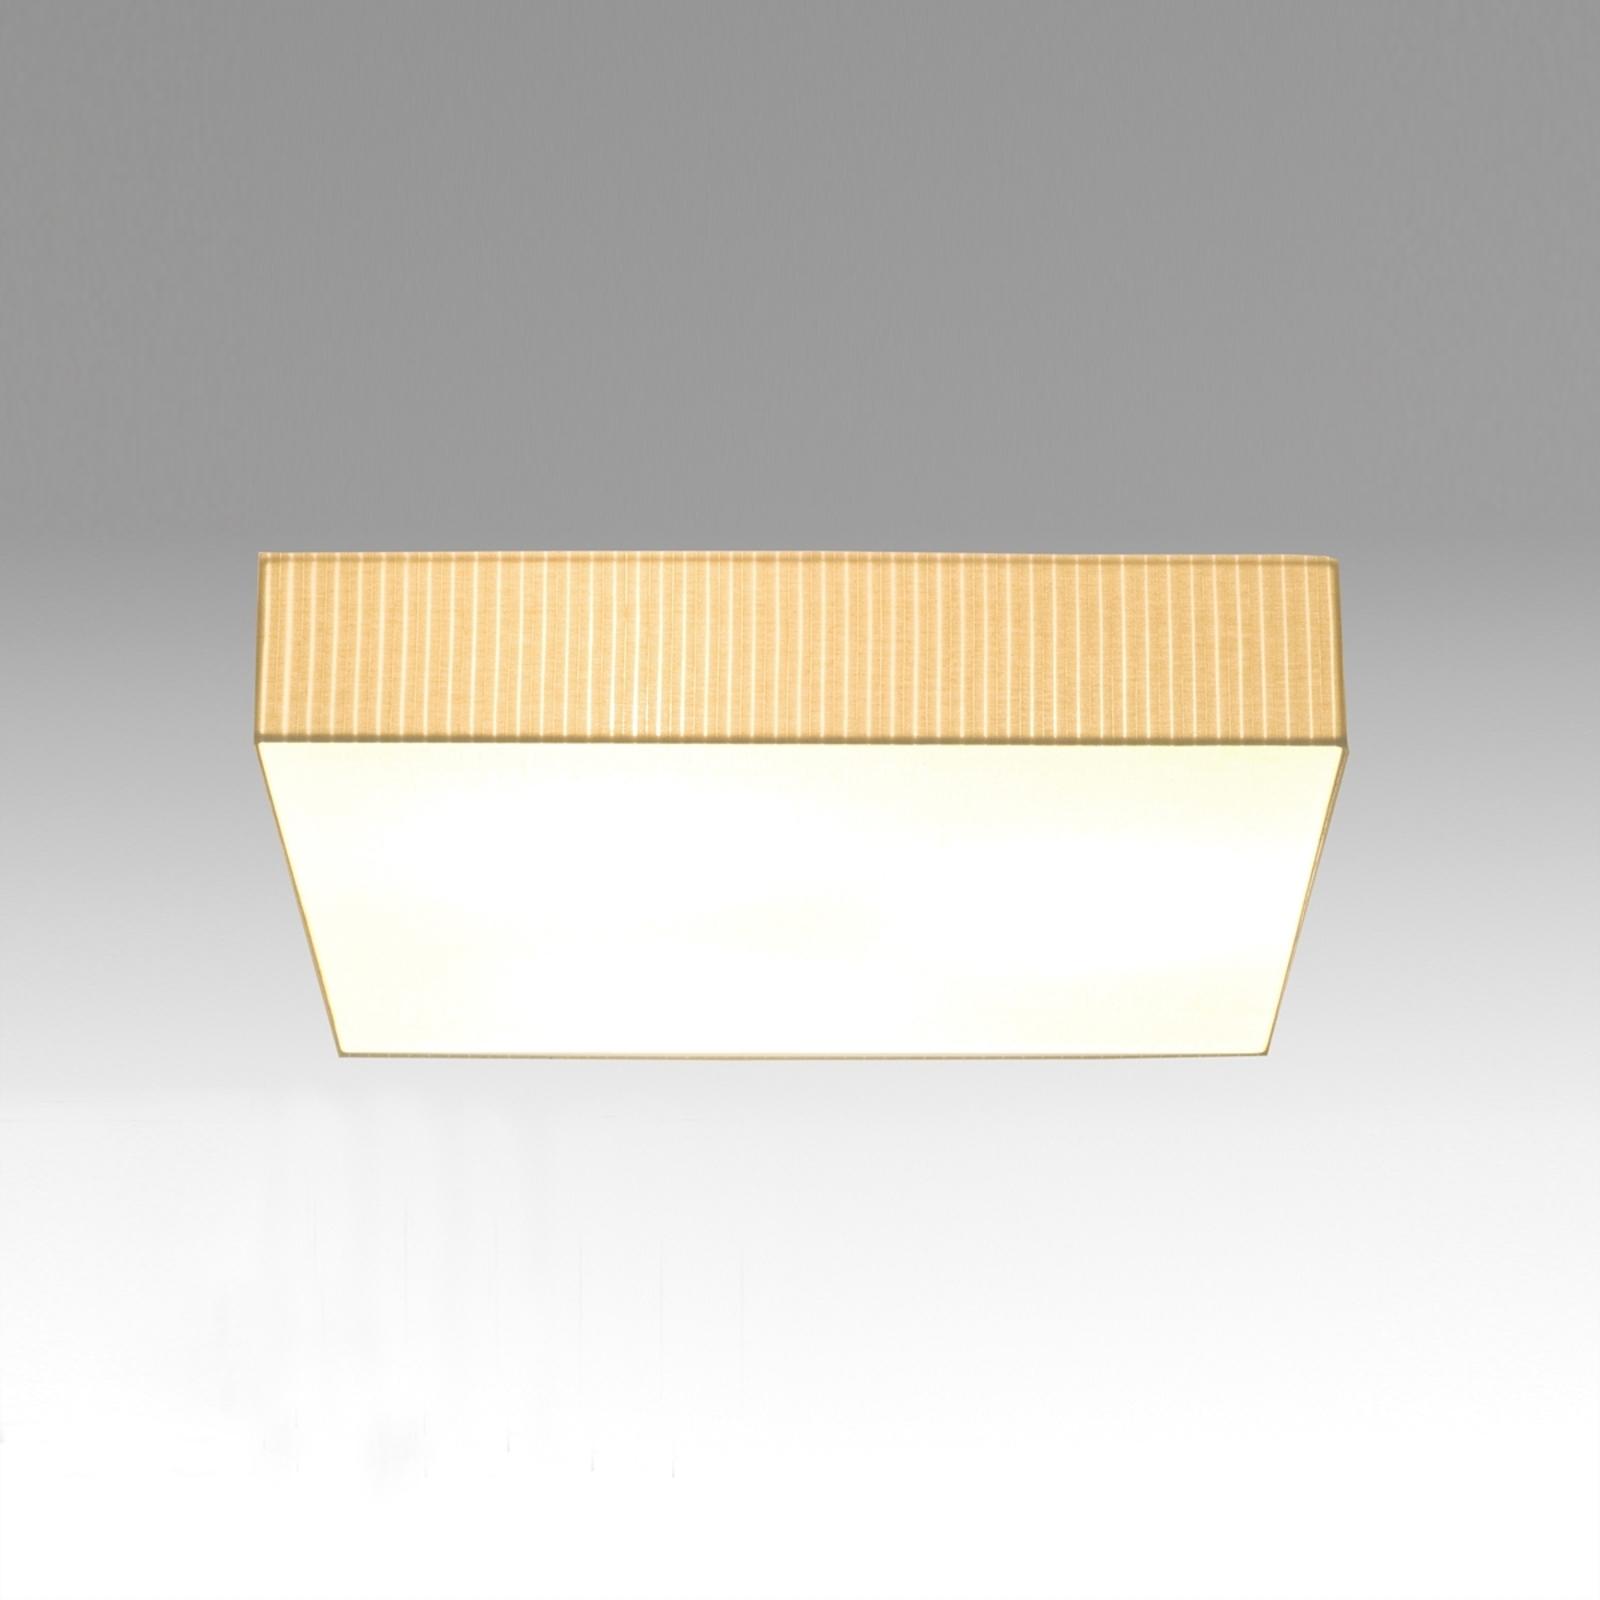 Plafondlamp Onda, 45 x 45 cm